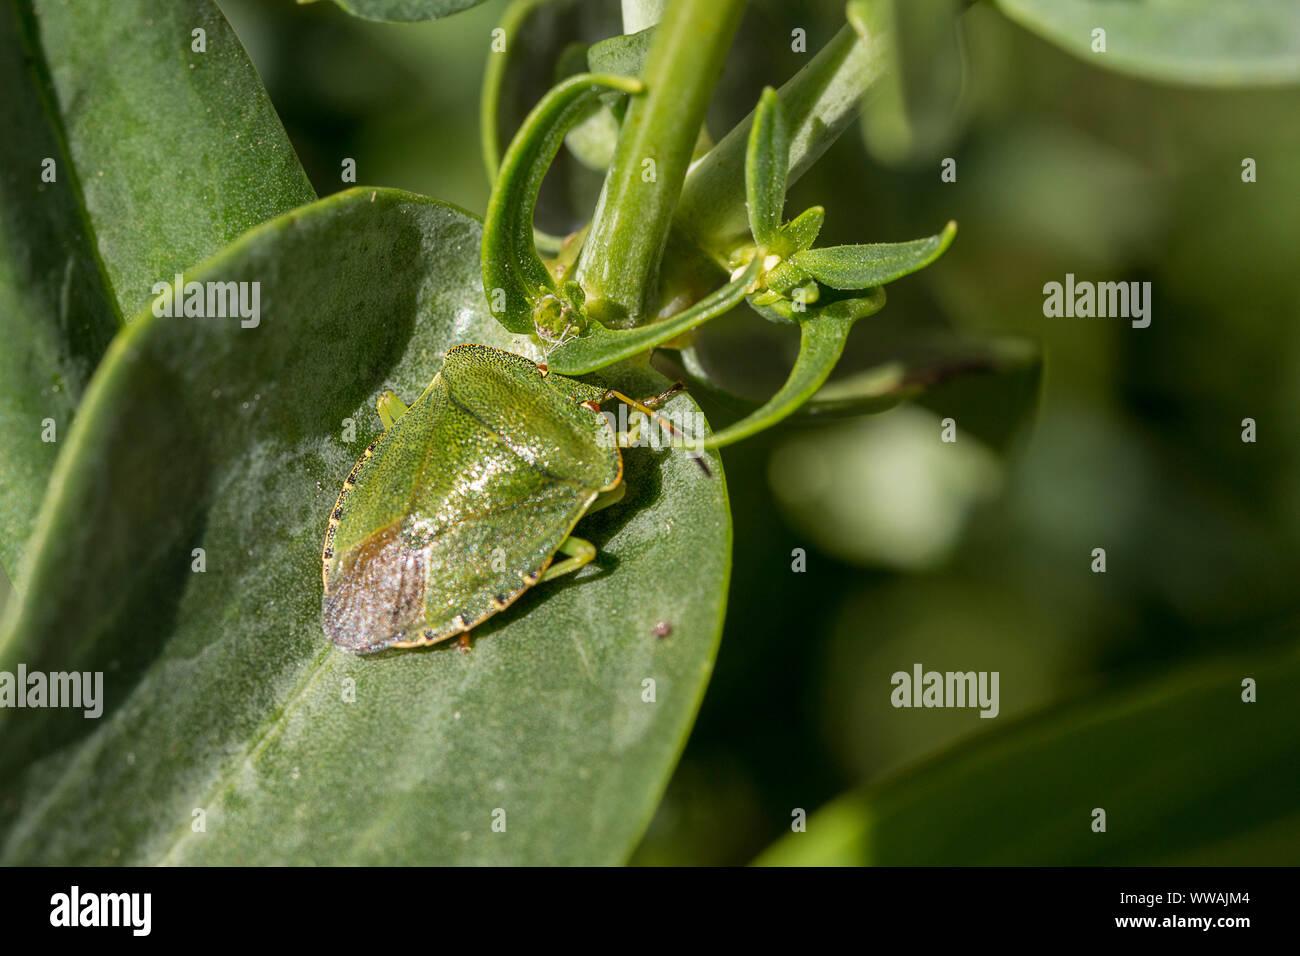 Green Shield bug (Palomena prasina) Nude-Look dans de minuscules points noirs, pointe d'ailes sombres, contour de forme ovale. La forme du bouclier bug vert sur la végétation dans le jardin Banque D'Images